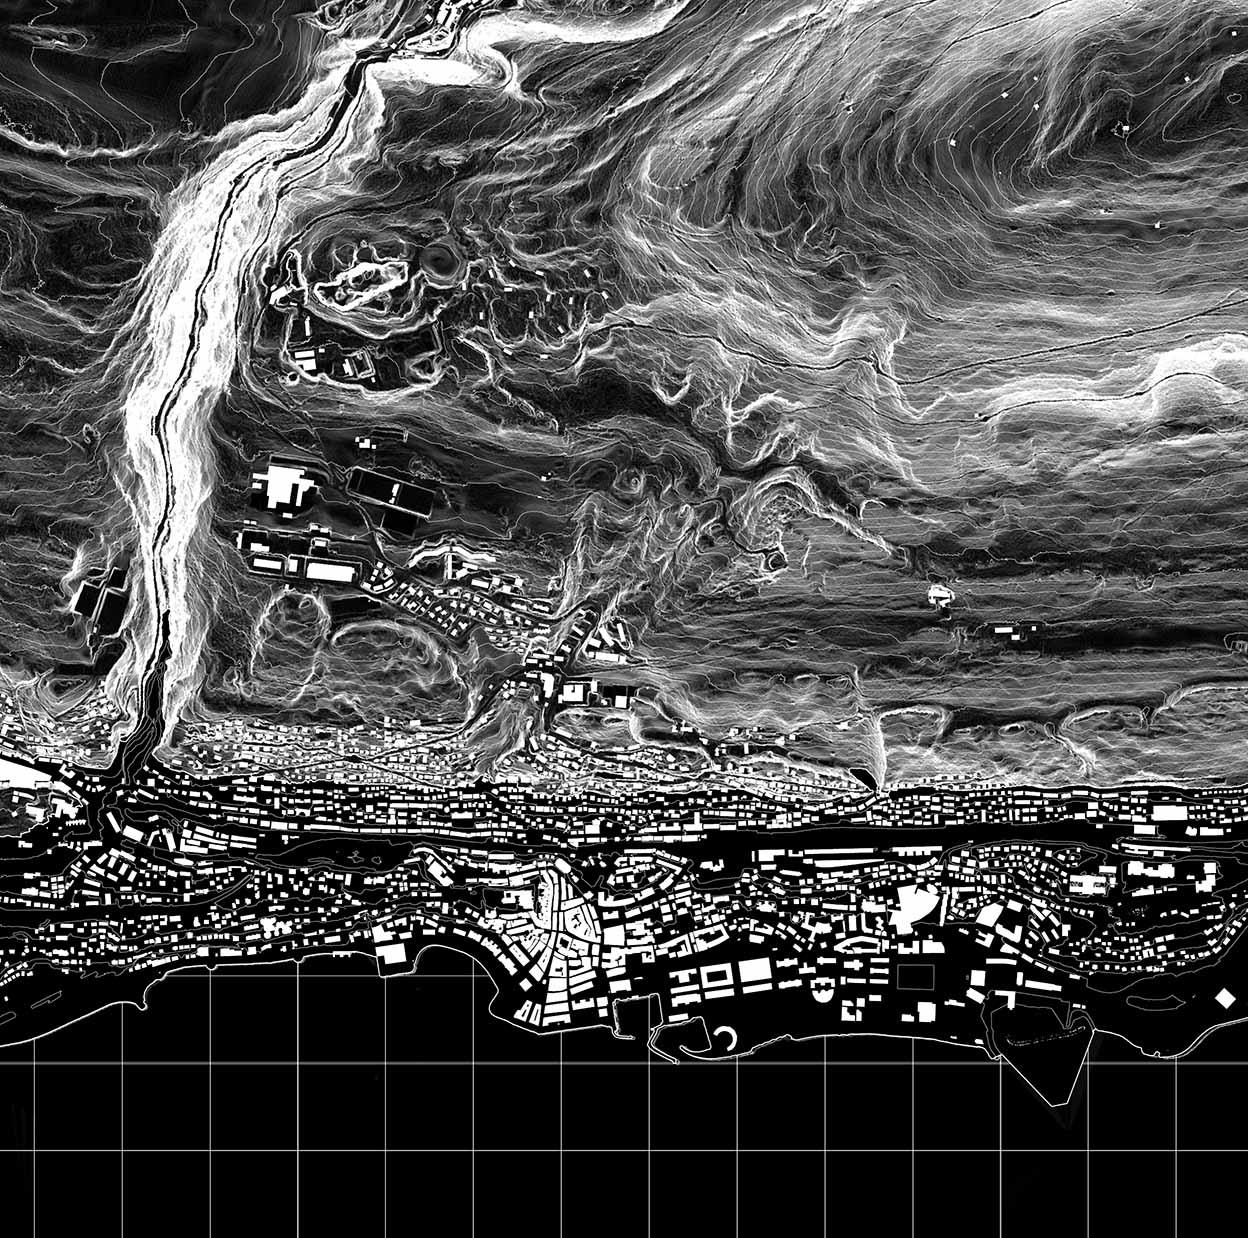 diane Aménagement du territoire de la ville de Neuchâtel vu par actéon